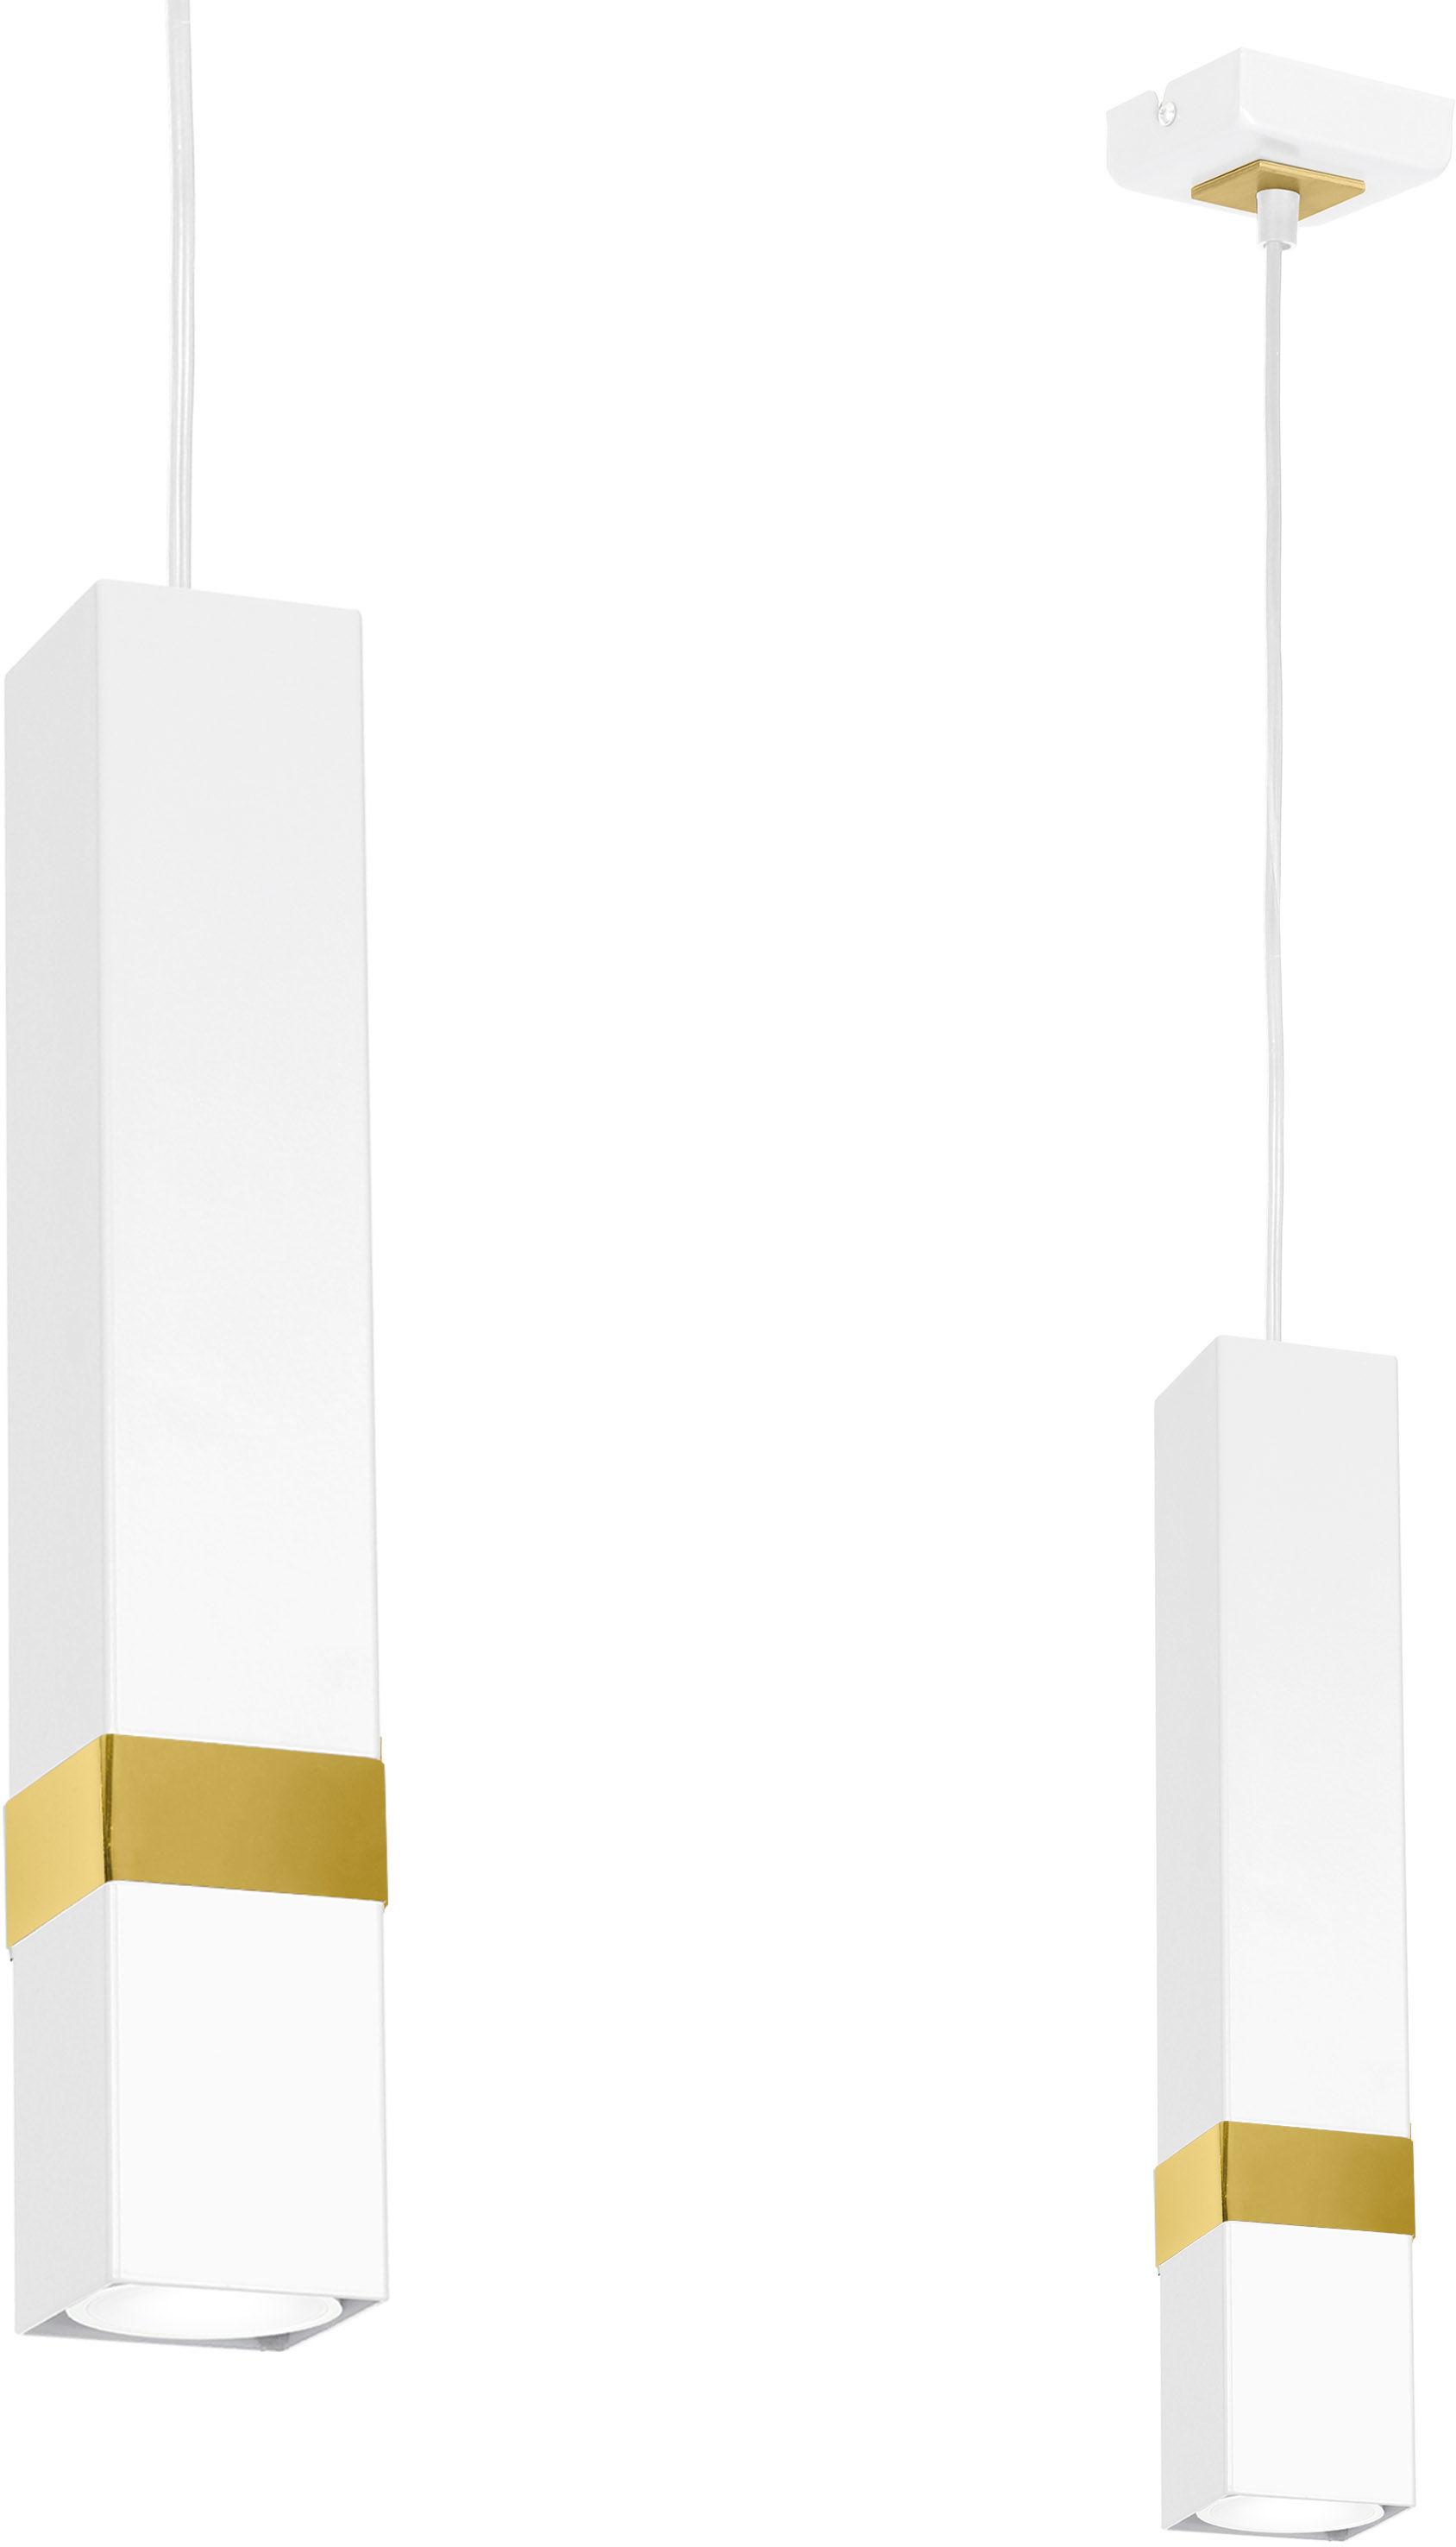 Lampa wisząca Vidar biało złota 1 punktowa zwis MLP6275 - Milagro // Rabaty w koszyku i darmowa dostawa od 299zł !